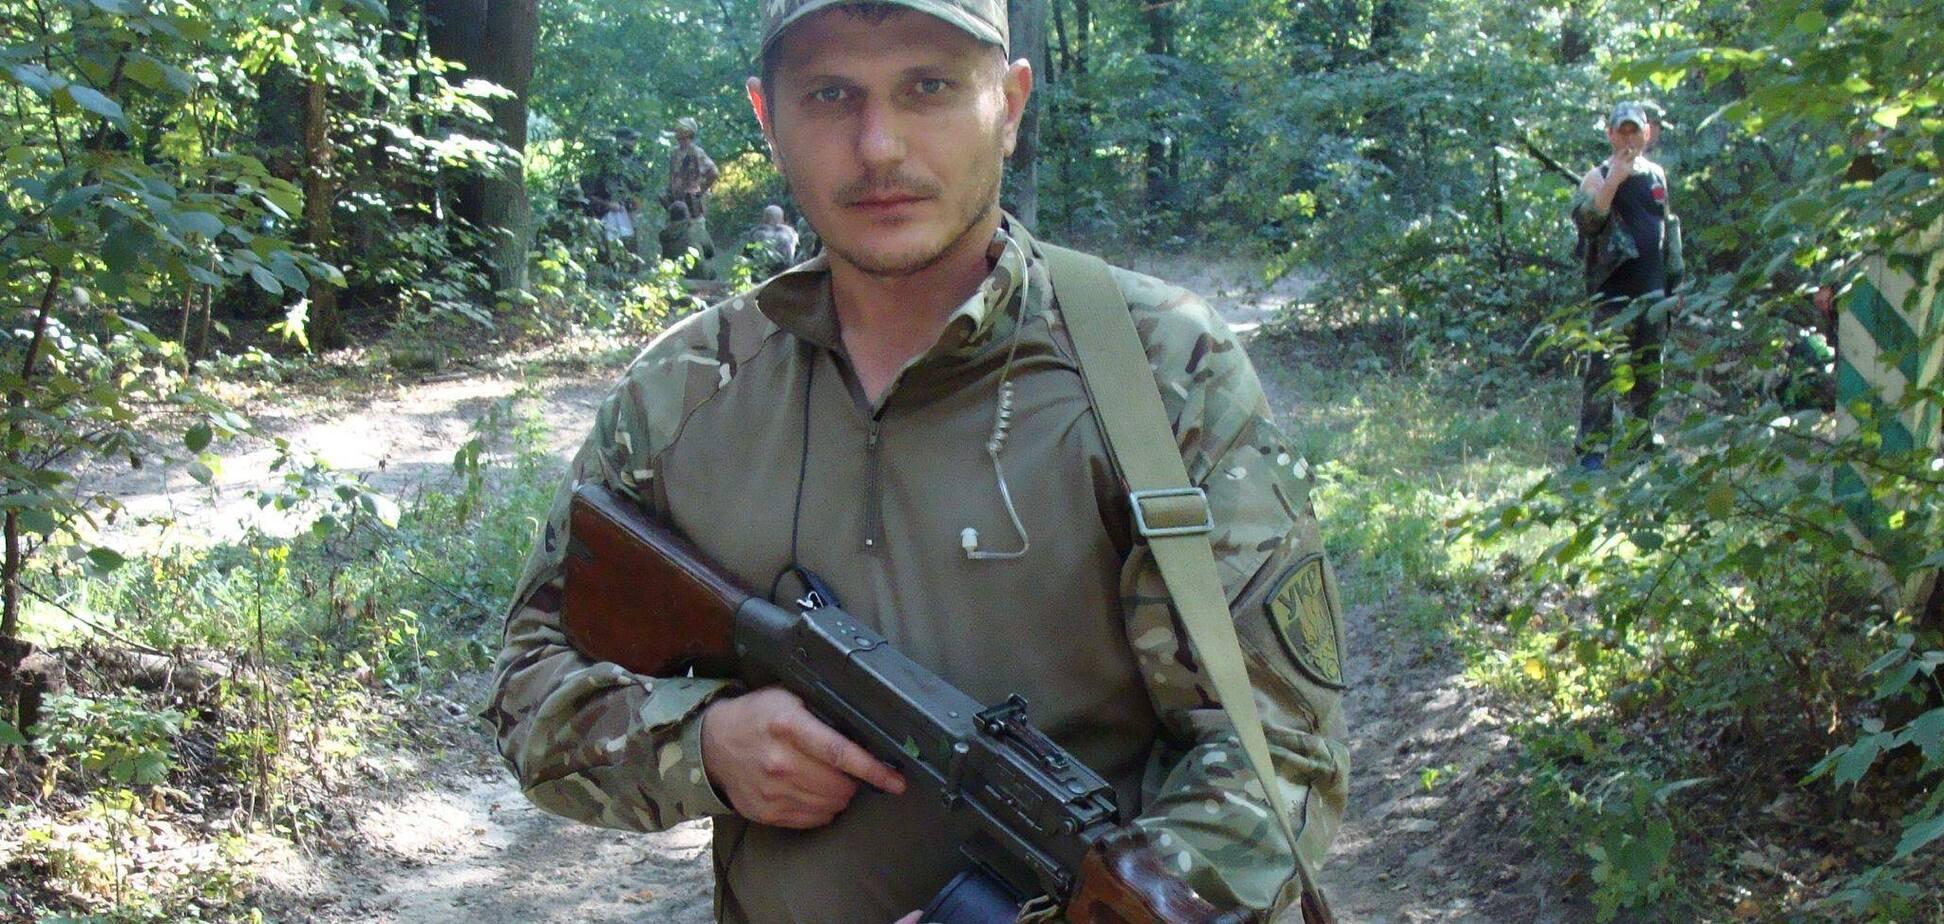 Виталий Панич, вещи которого пропали из больницы